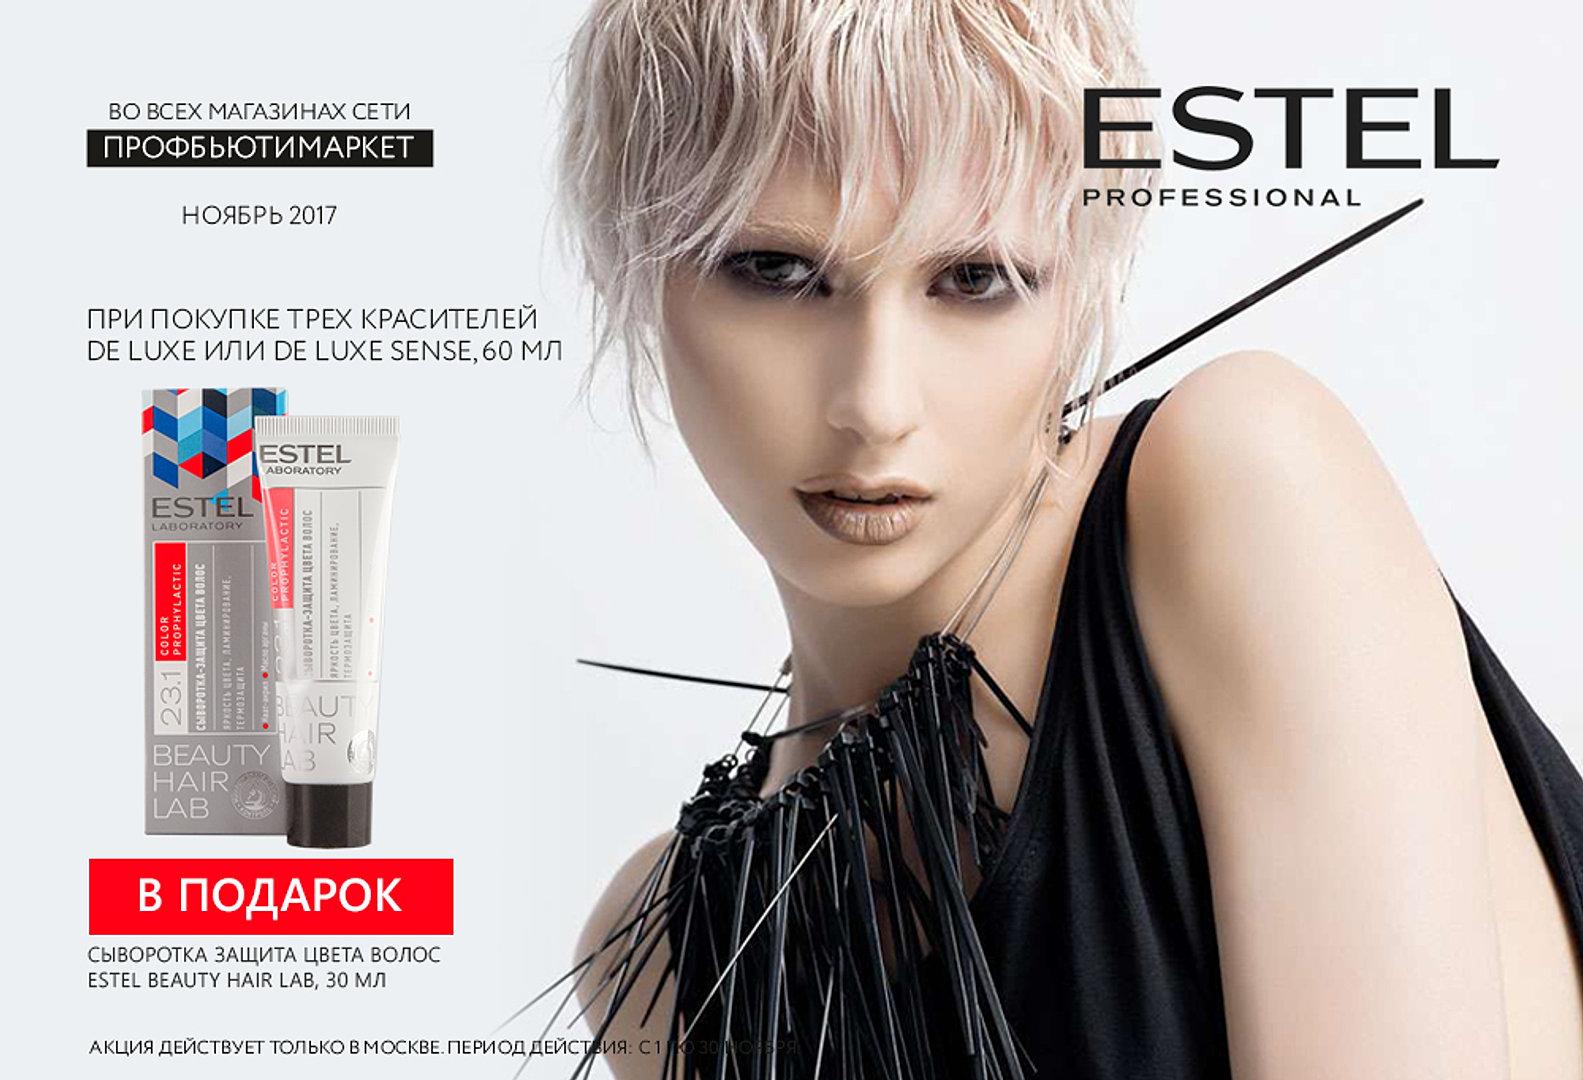 магазин косметики для волос вакансии спб